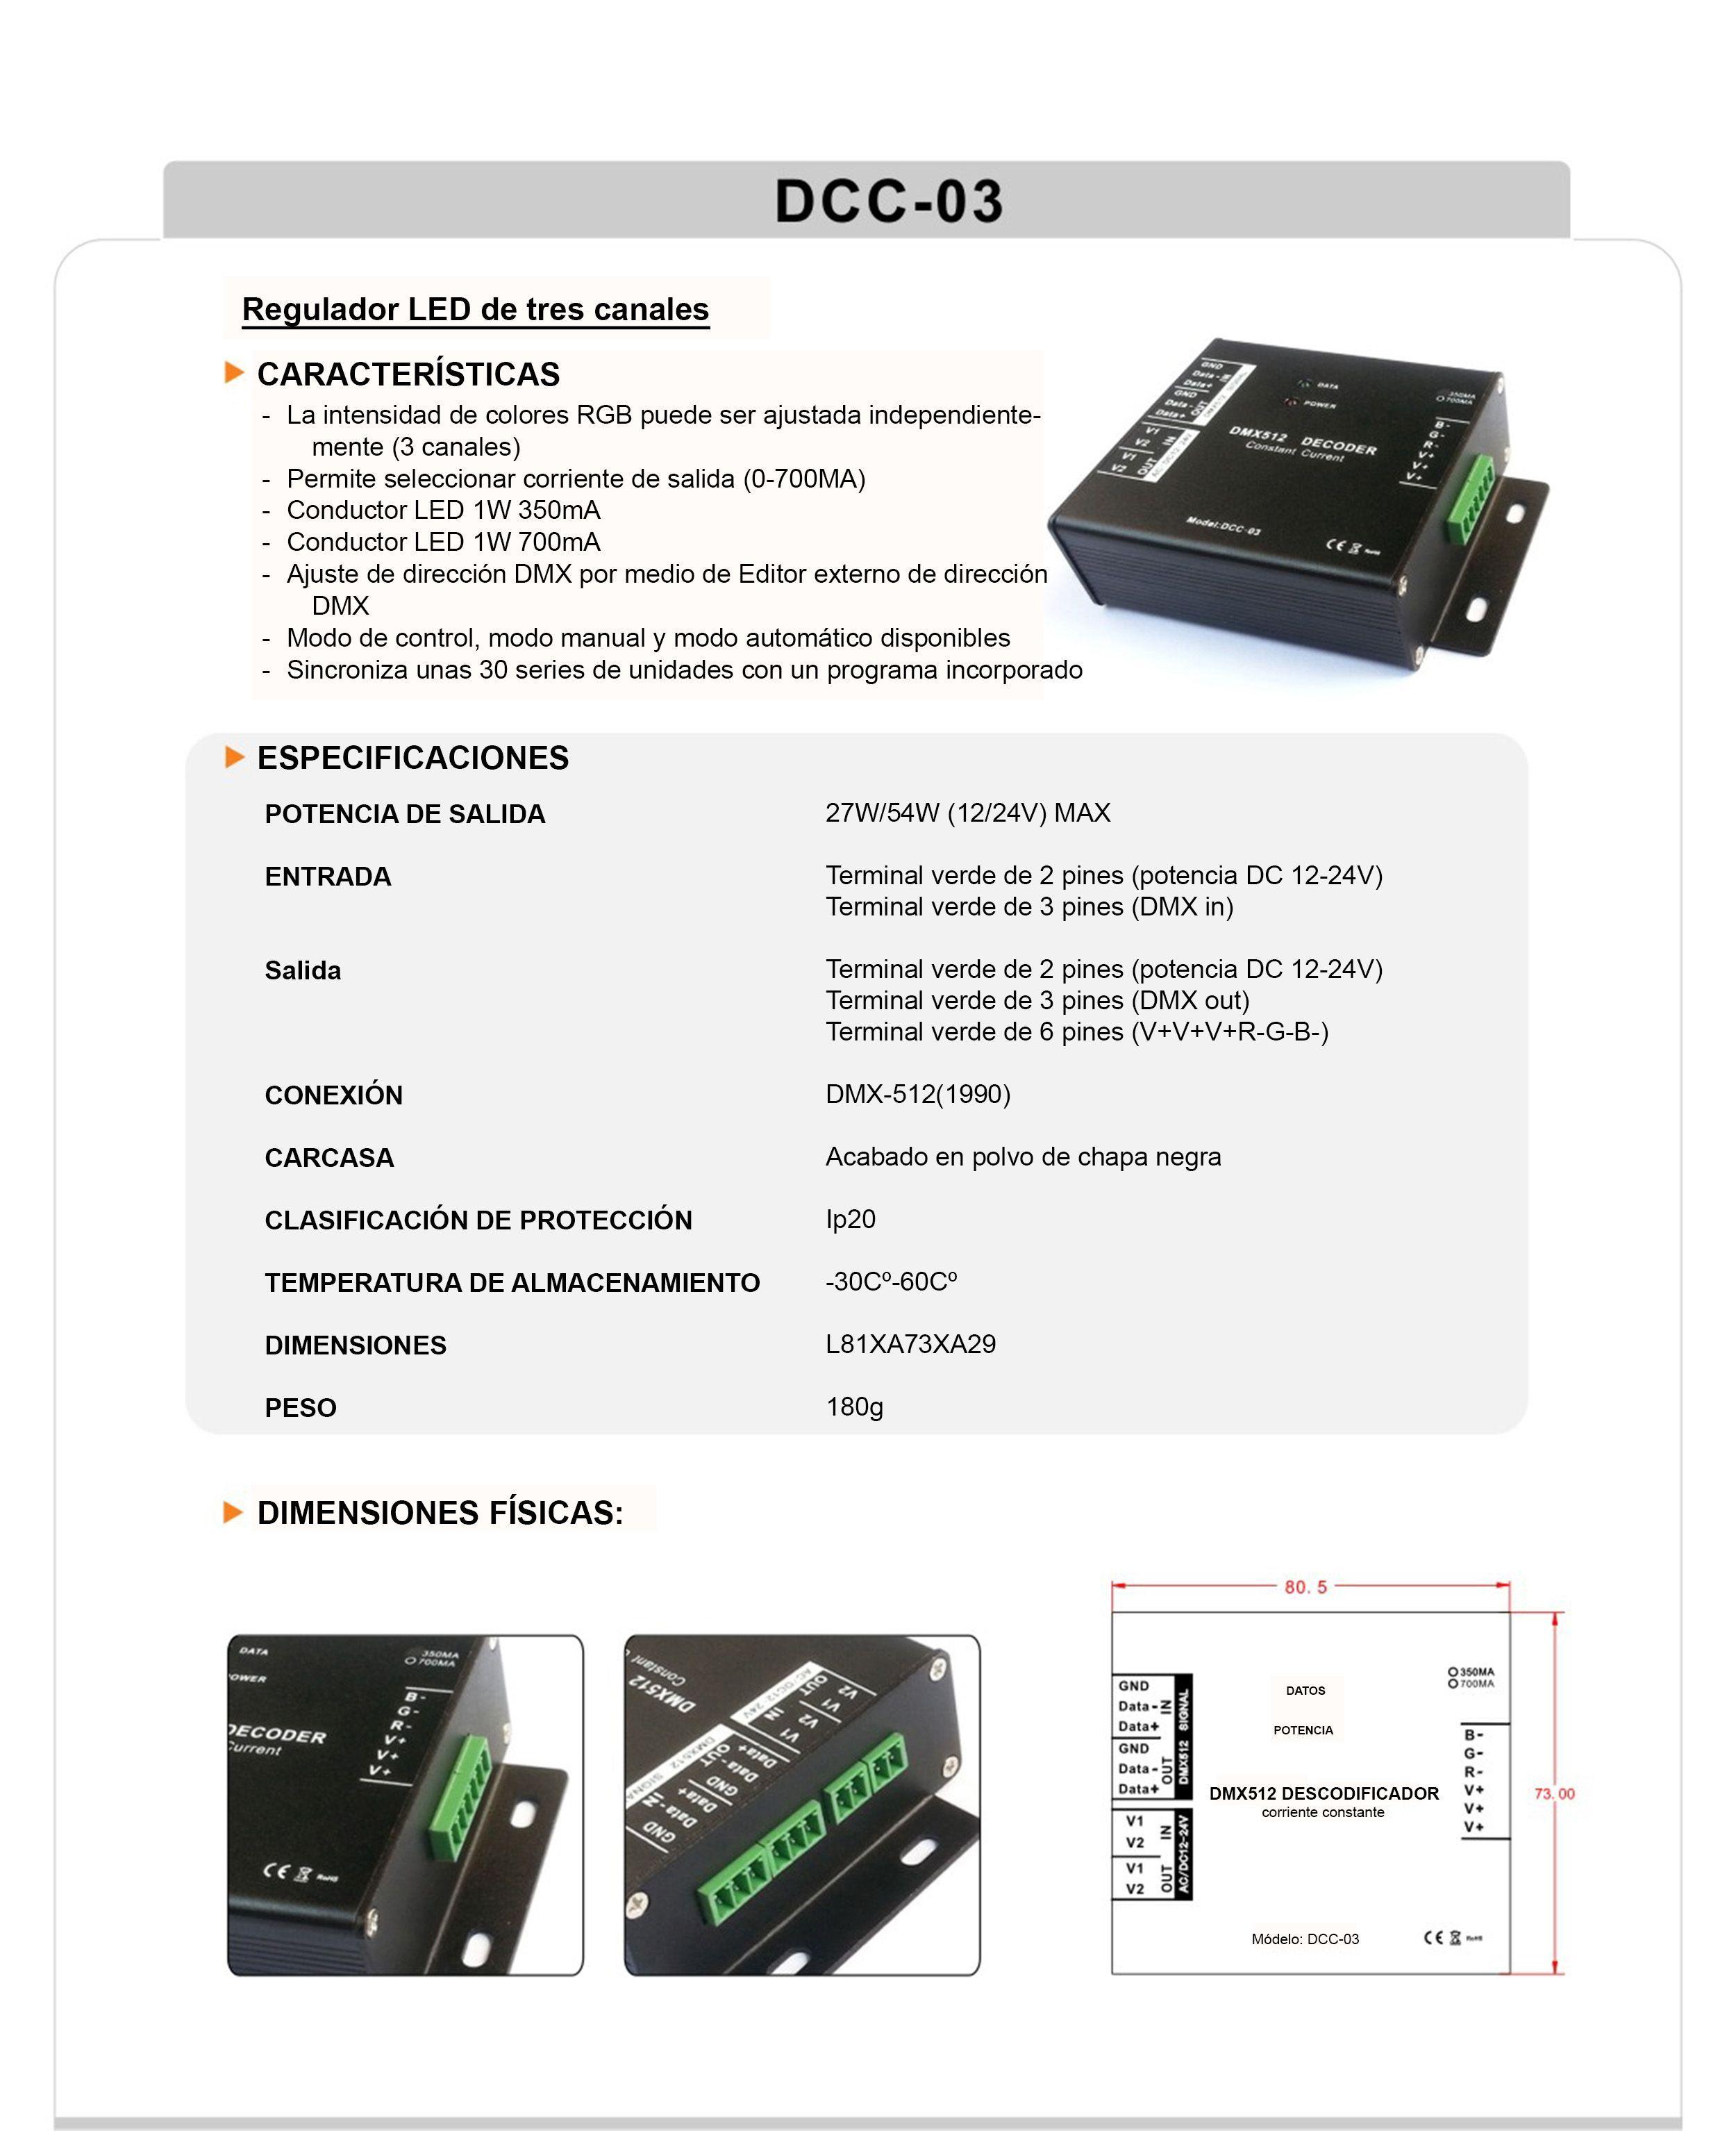 dcc-03-3-es